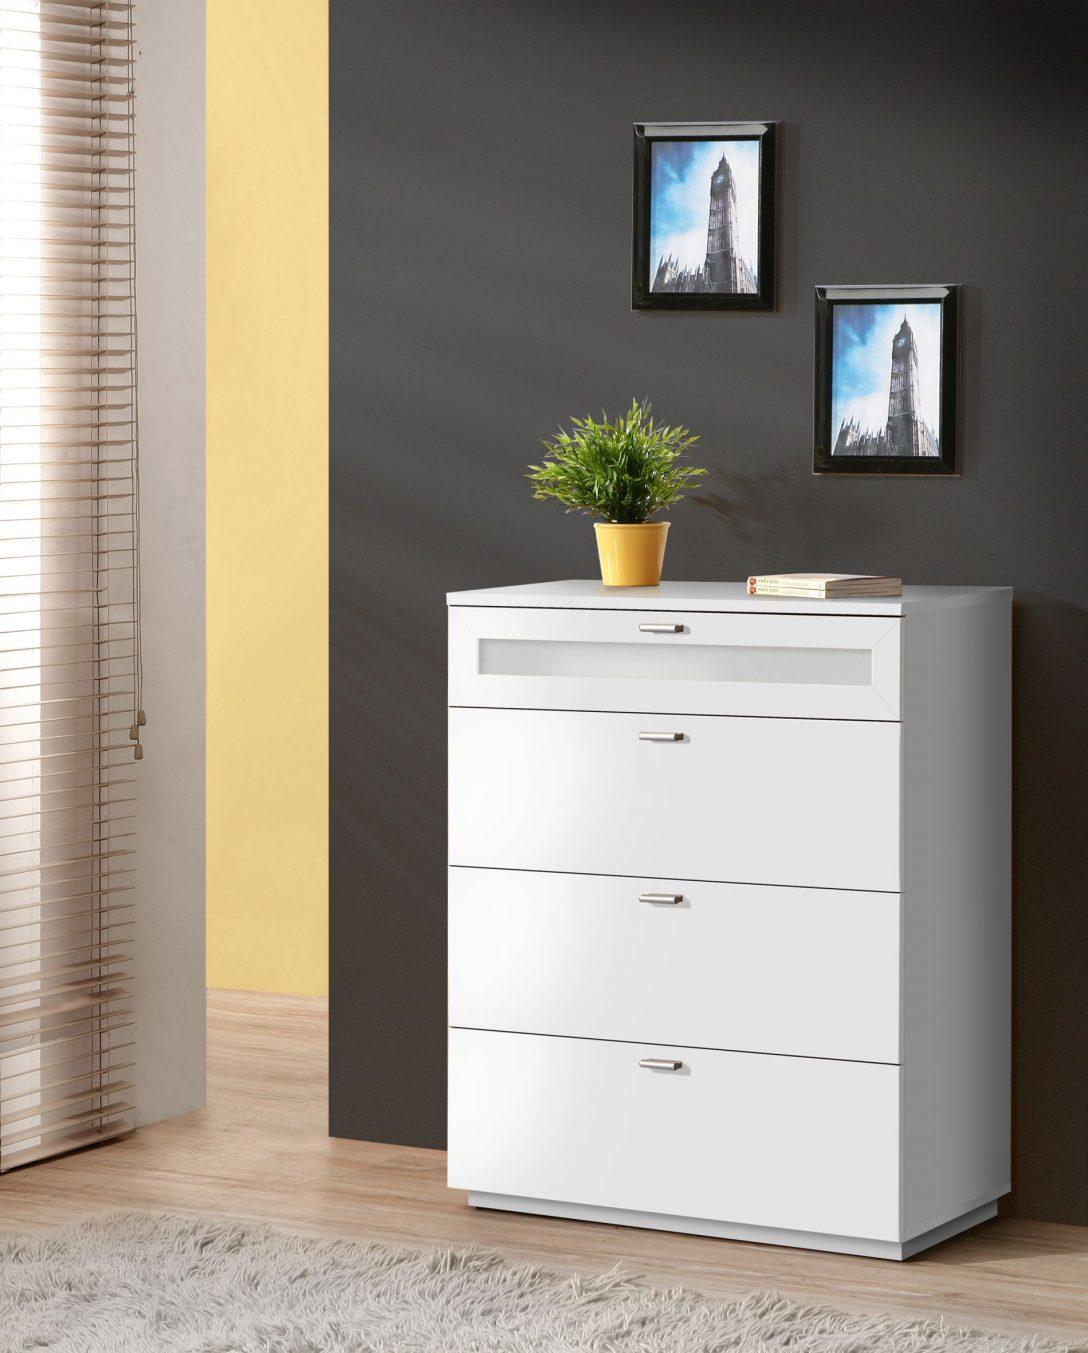 Large Size of Schlafzimmer Kommode Nexus Mit 4 Schubksten Klimagerät Für Set Weiß Weißes Luxus Günstige Komplett Fototapete Teppich Rauch Vorhänge Wandtattoo Schlafzimmer Schlafzimmer Kommoden